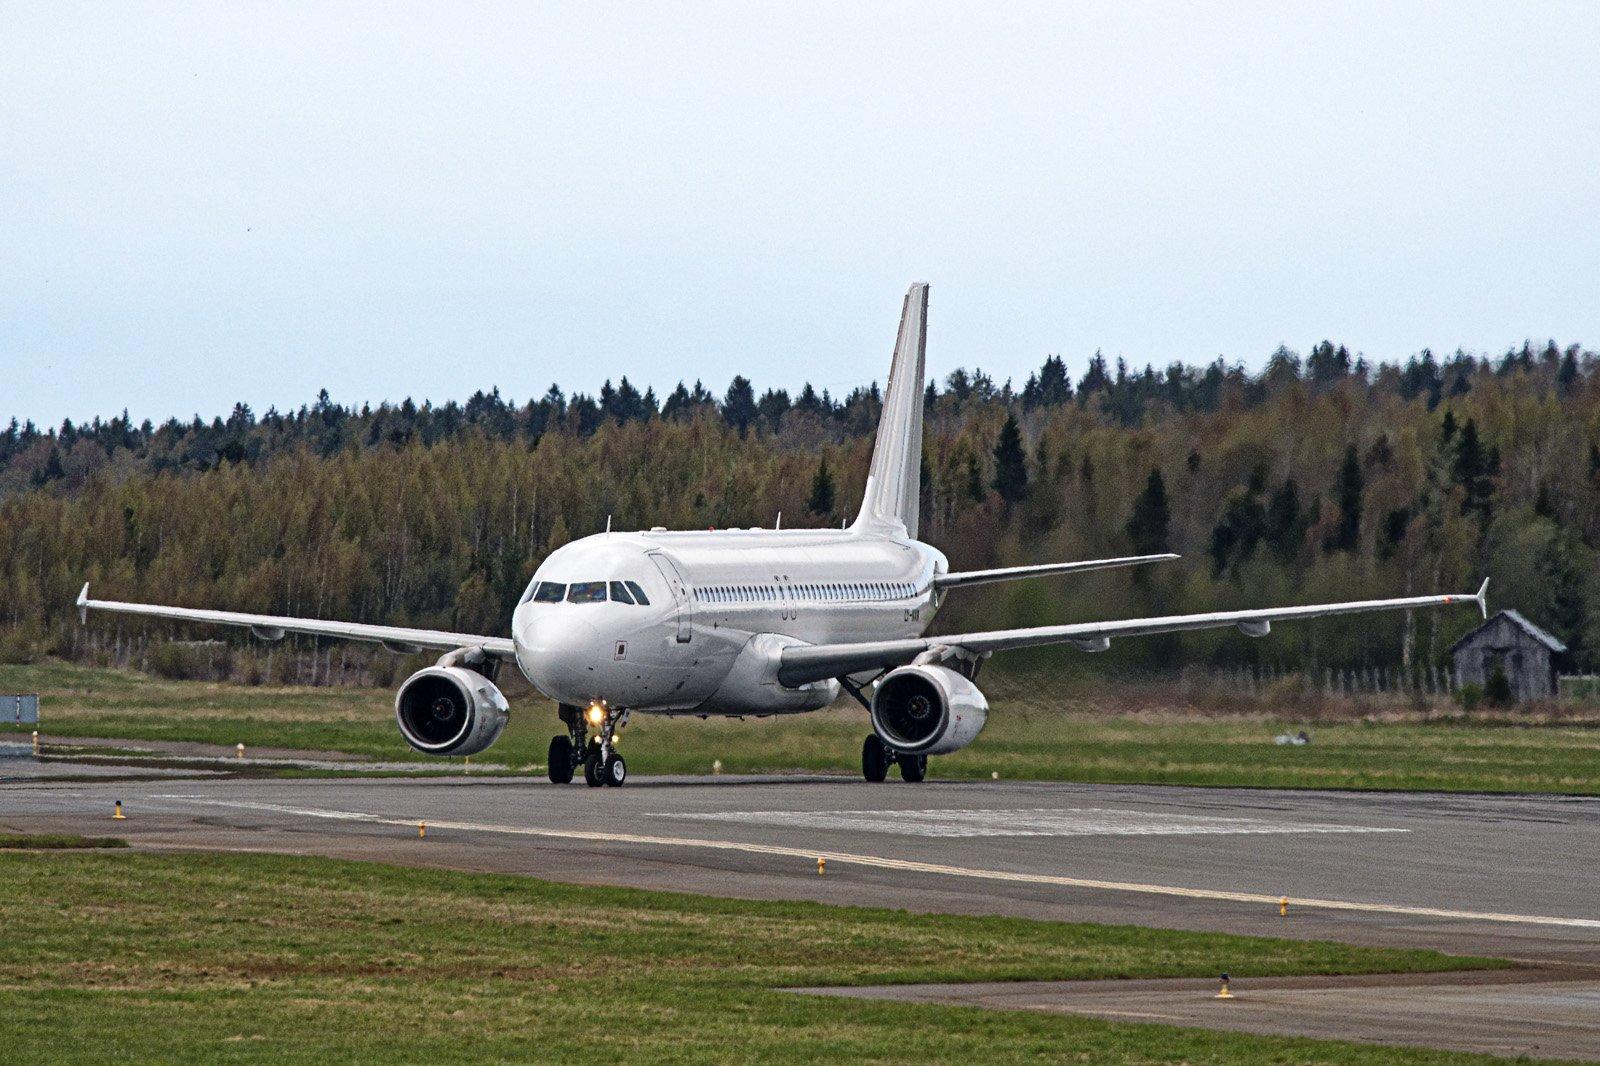 Liettualainen lentokone, taustalla pohjalainen heinälato